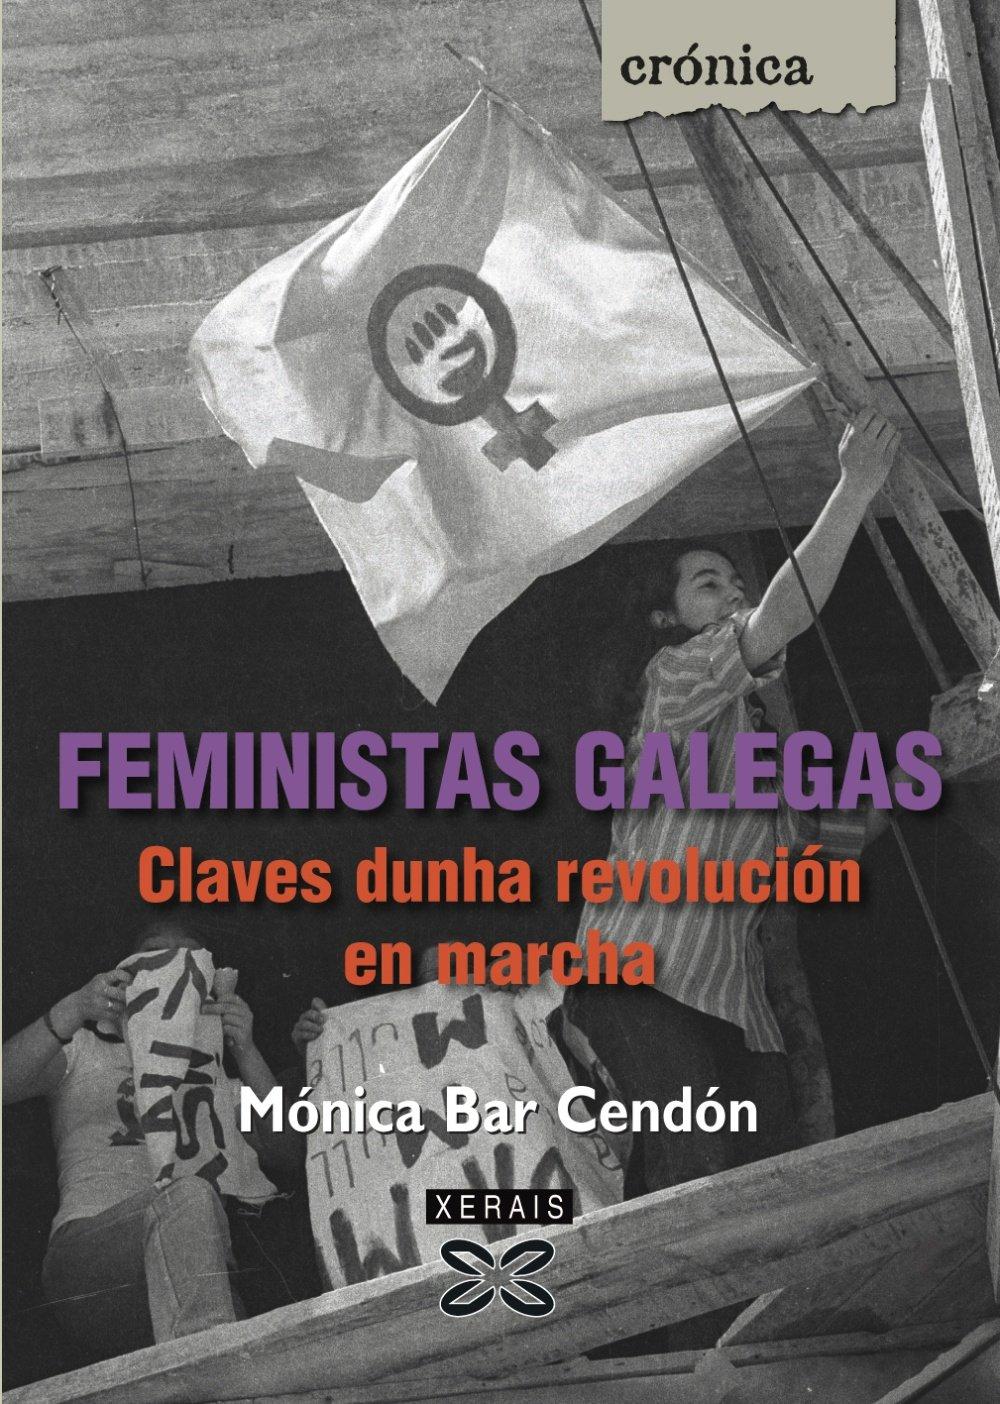 Feministas galegas: Claves dunha revolución en marcha (Edición Literaria - Crónica - Memoria) por Mónica Bar Cendón